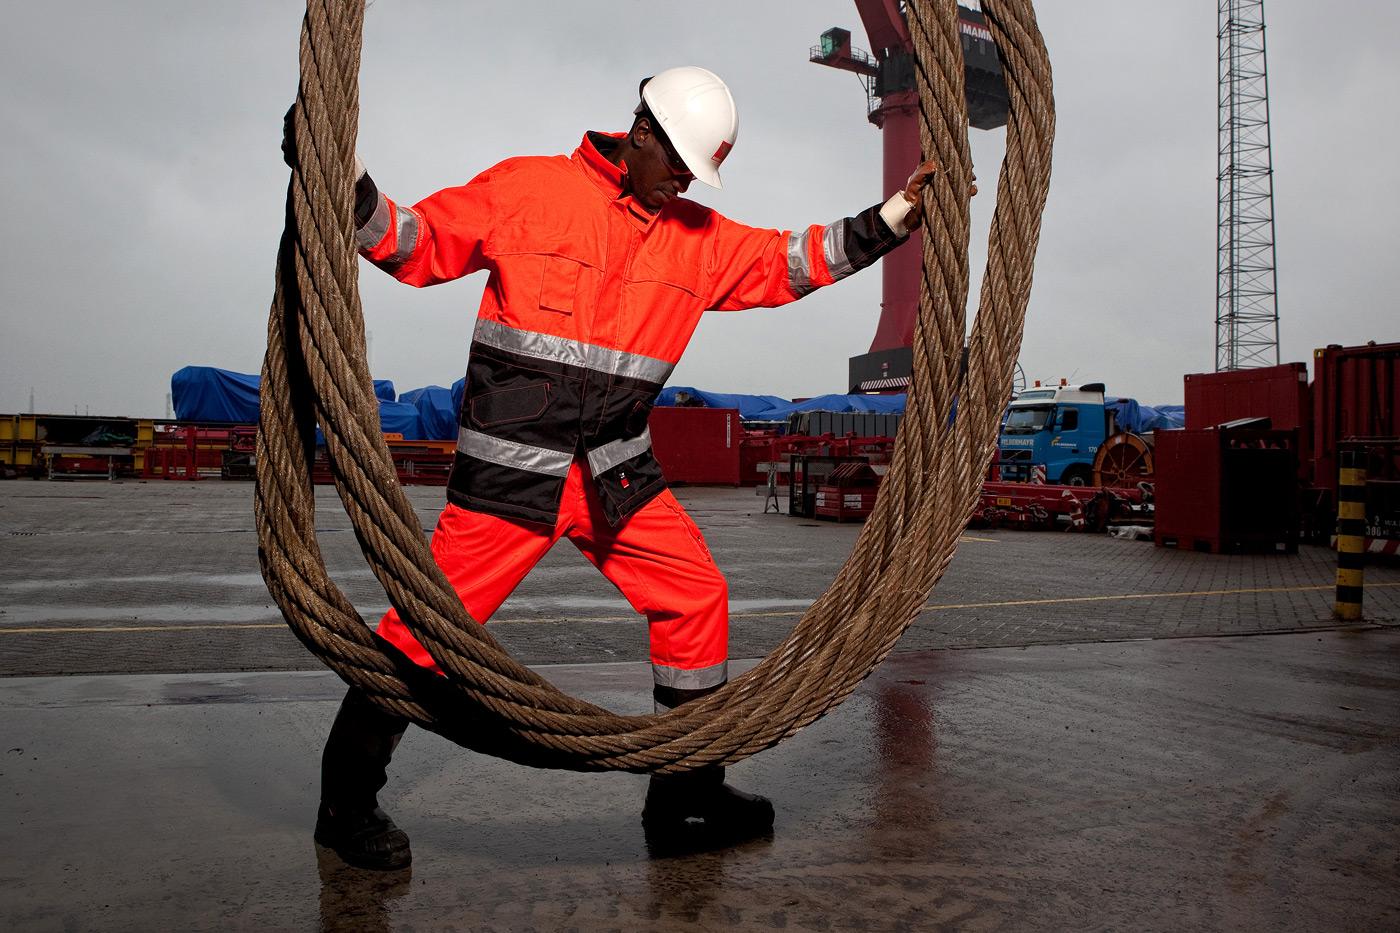 kabel workwear veiligheidskleding